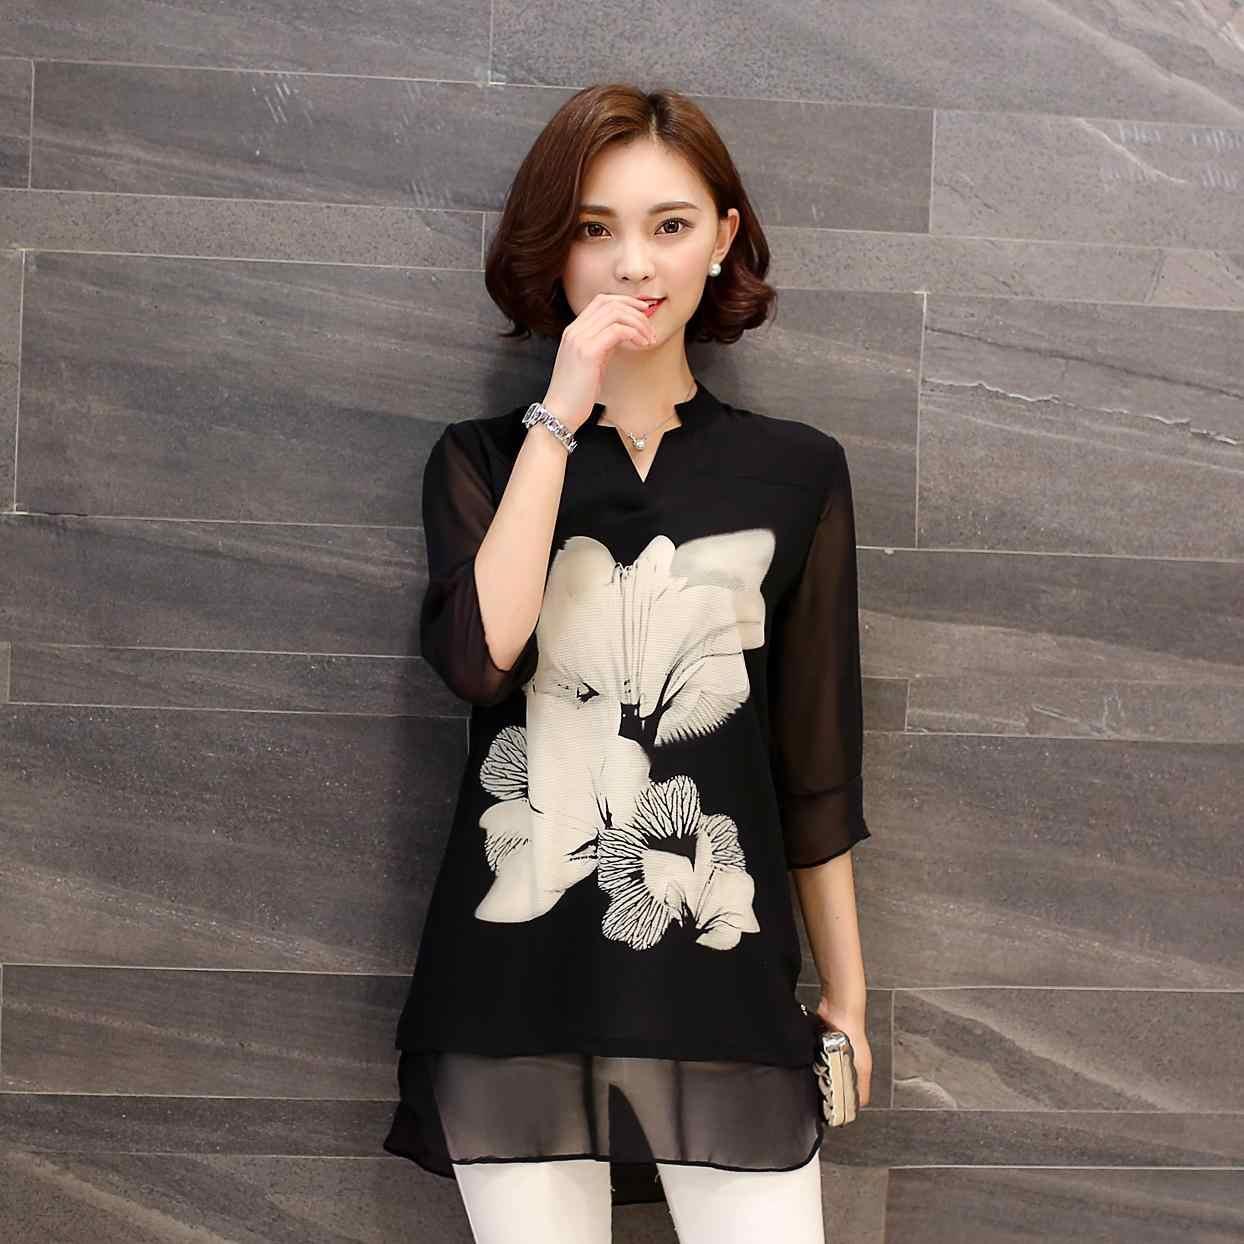 2018 летние новые женские свободные шифоновые блузки плюс размер 4XL 5XL модные черные рубашки с цветочным принтом топы